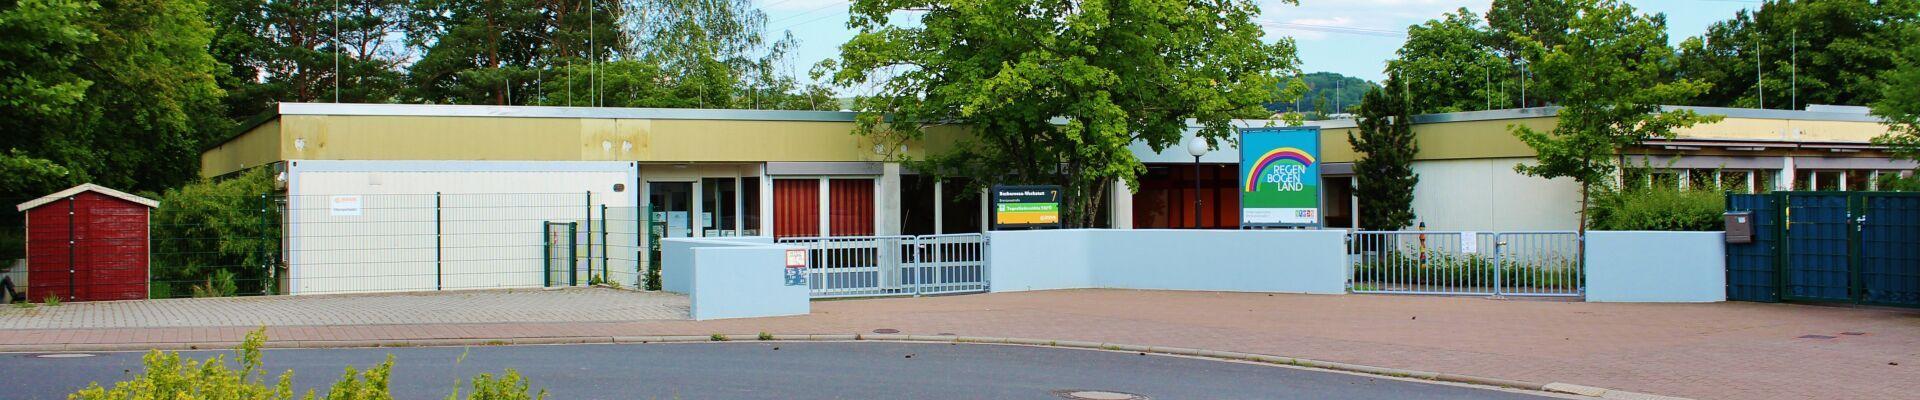 Tagesförderstätte und Kindertagesstätte Regenbogenland